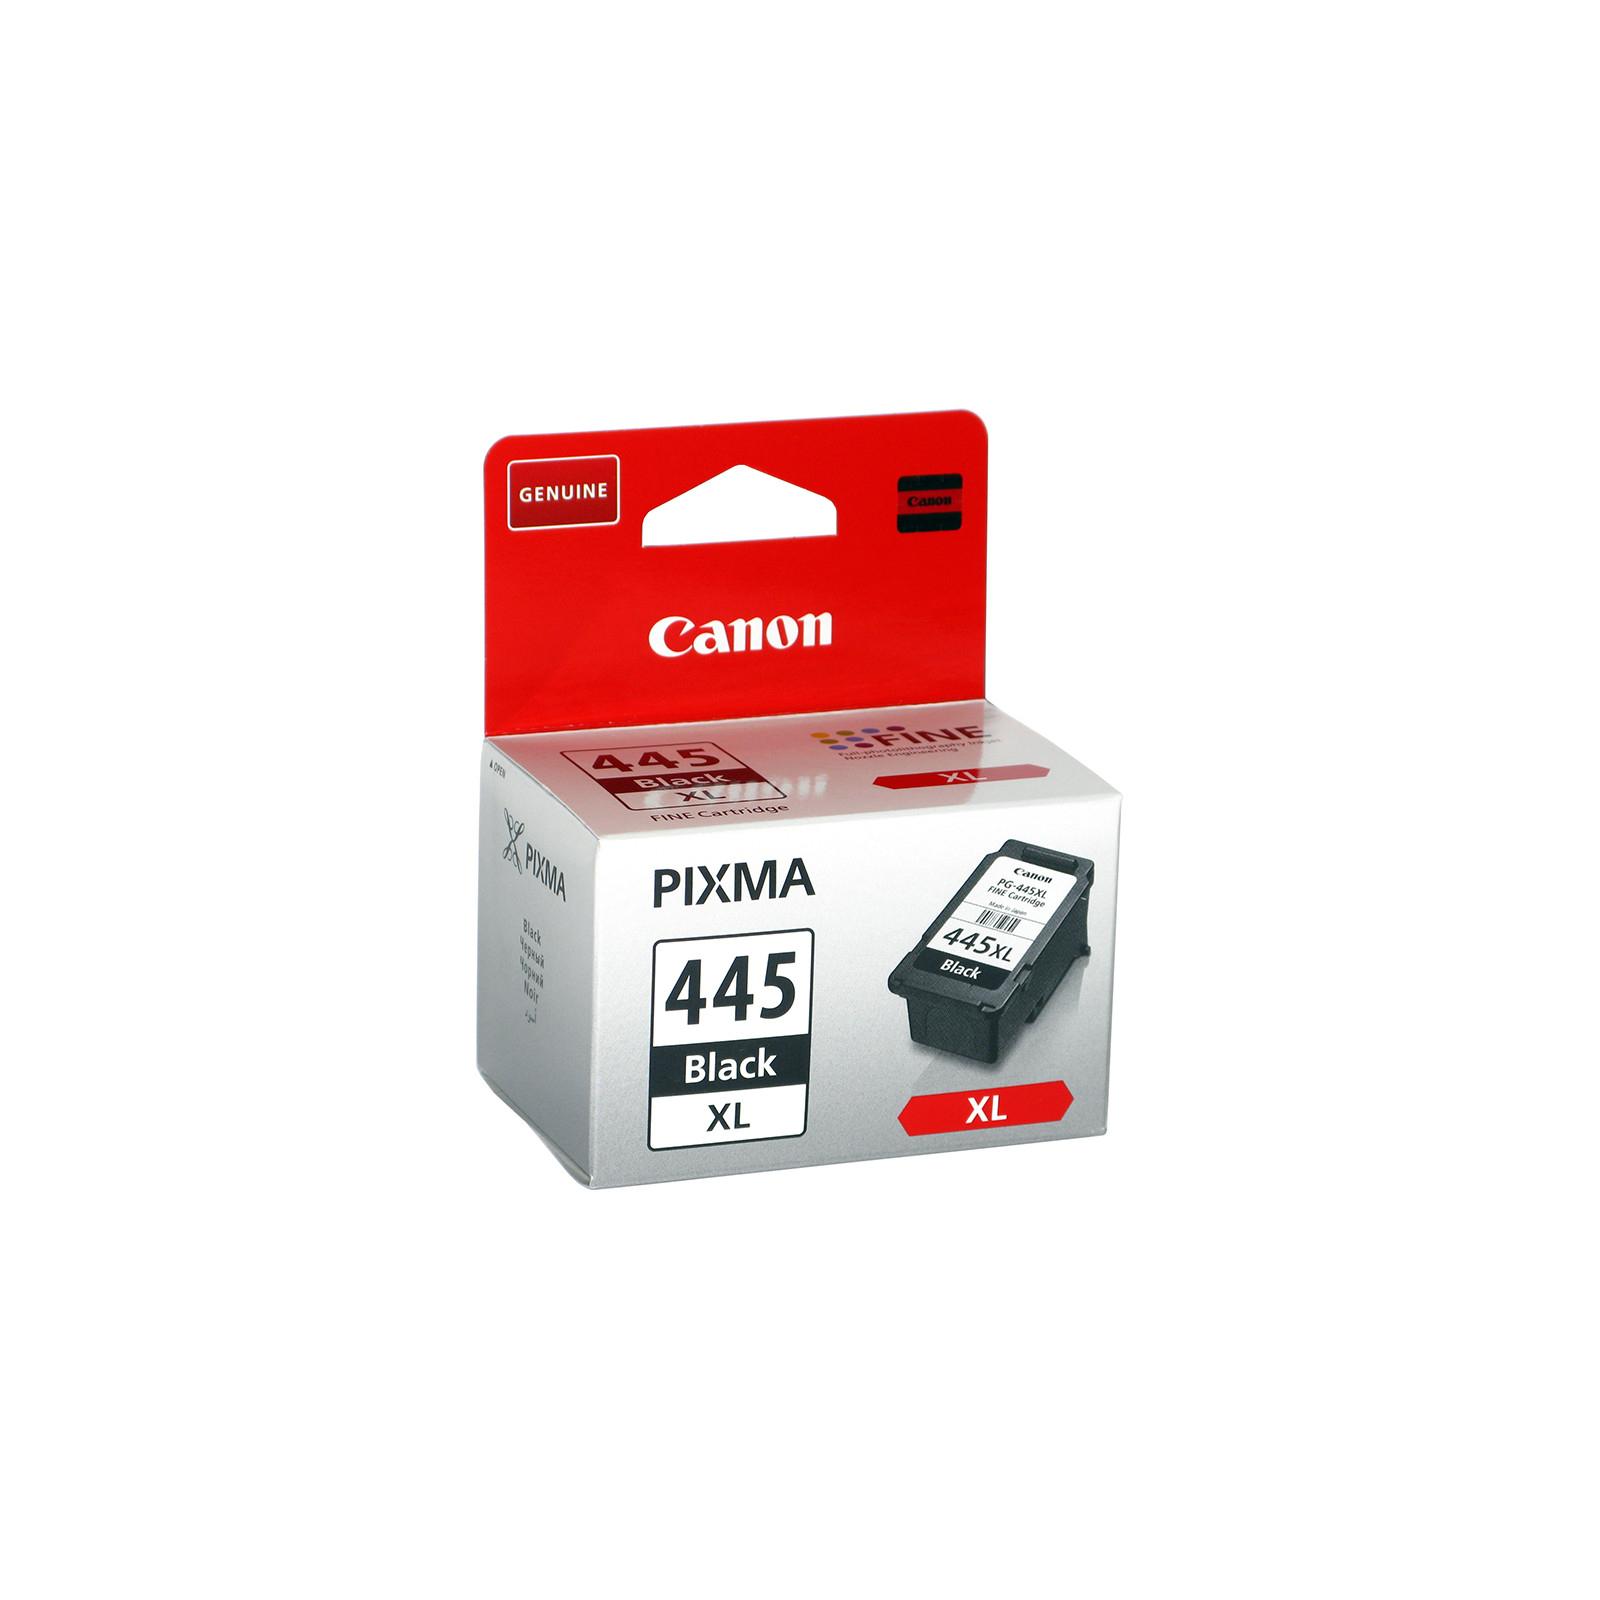 Картридж Canon PG-445XL Black для MG2440 (8282B001)